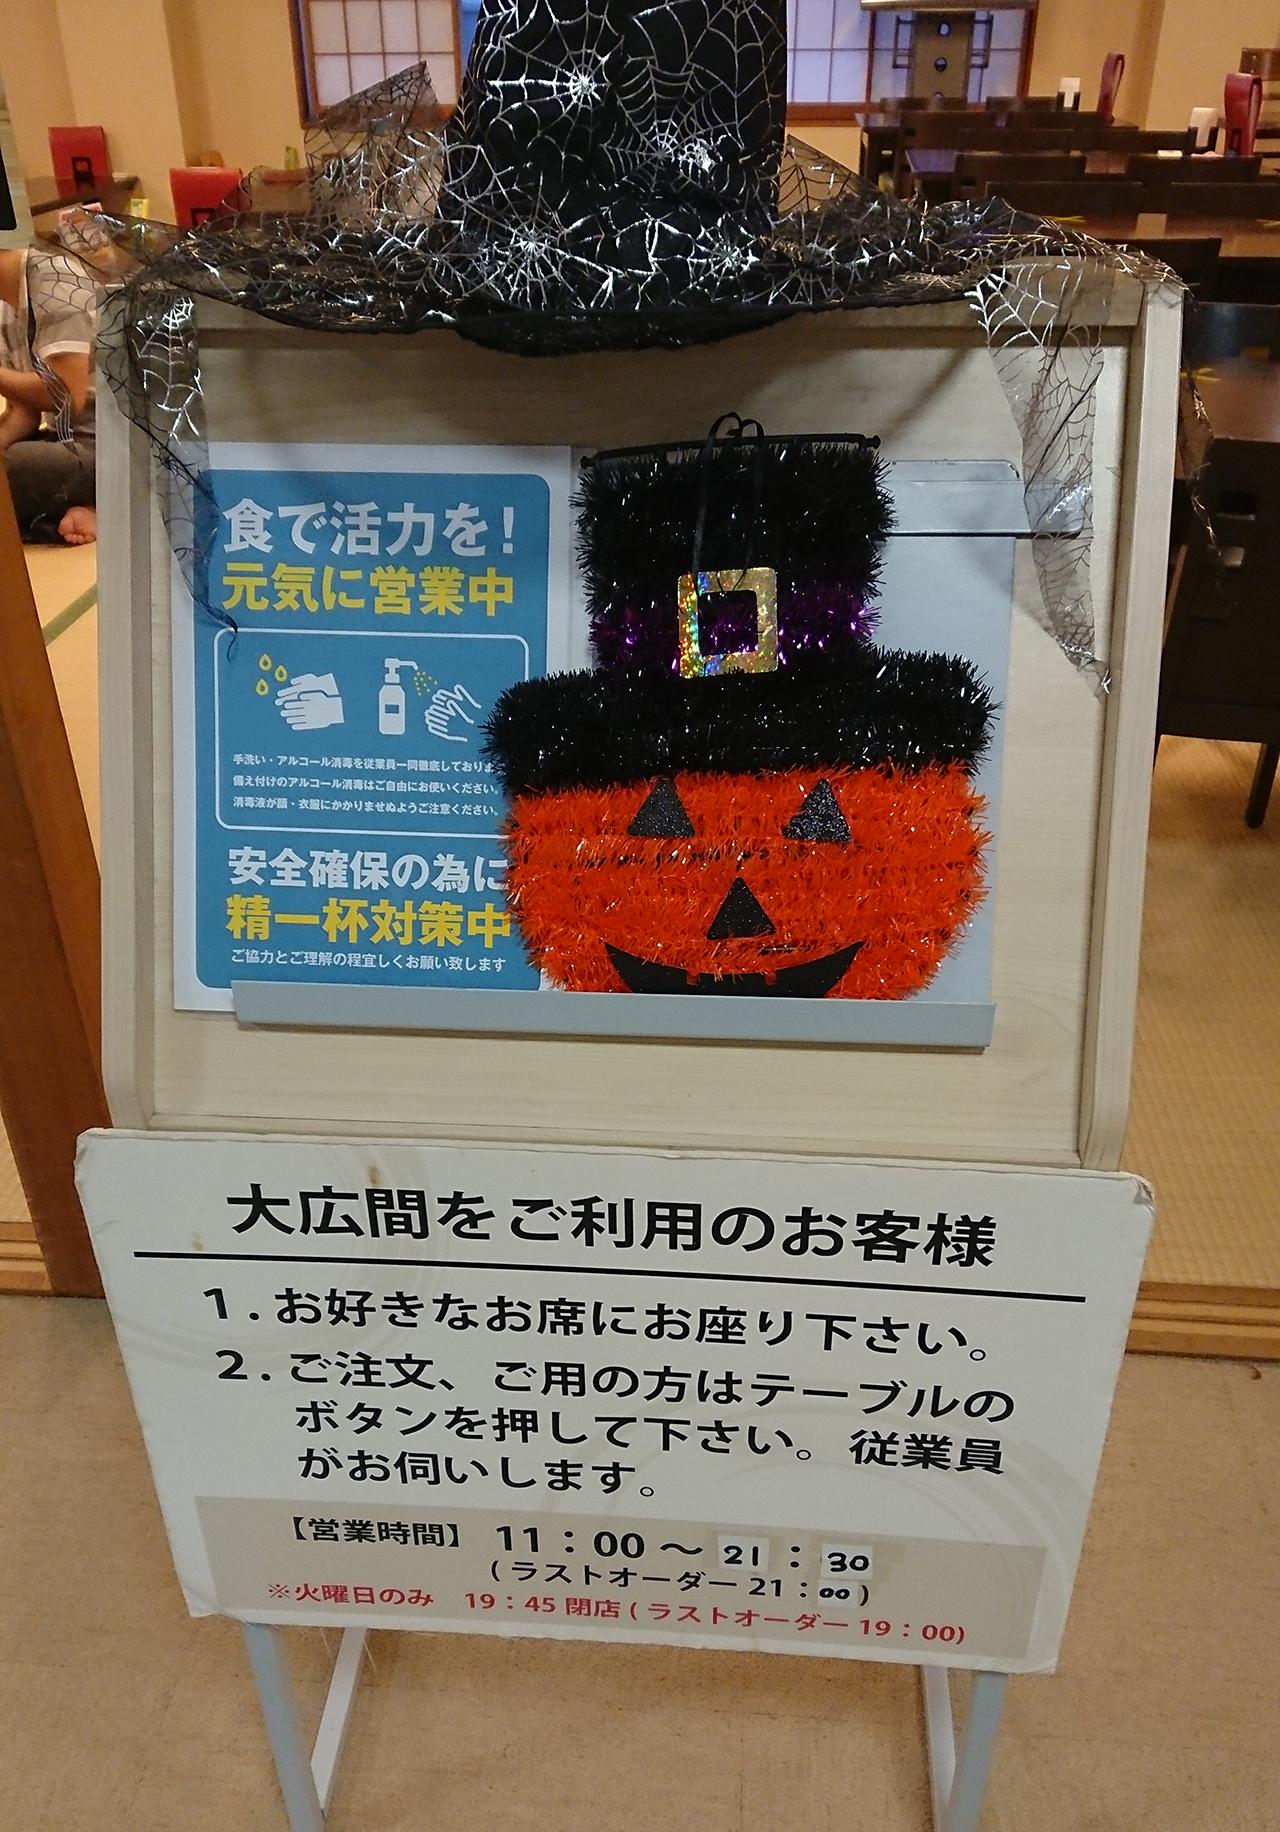 ハロウィンの飾り付けがされた案内看板の写真